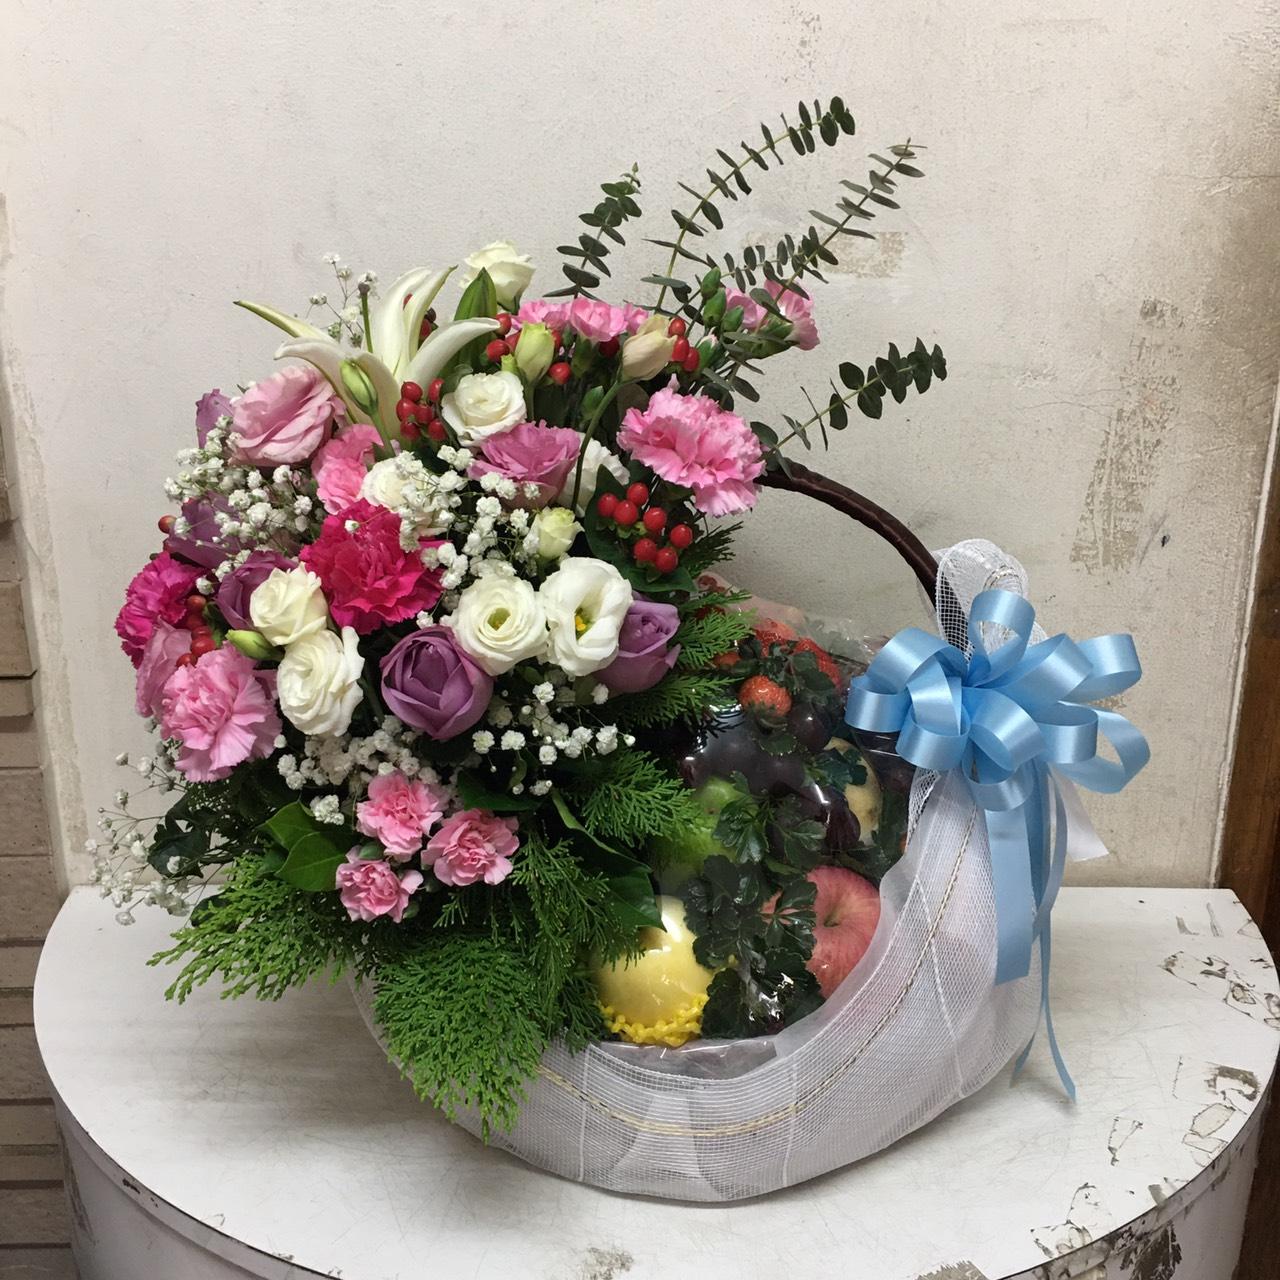 กระเช้าผลไม้วิตามินซีสูง สีสันสดใส ตกแต่งด้วยดอกไม้หลากชนิด